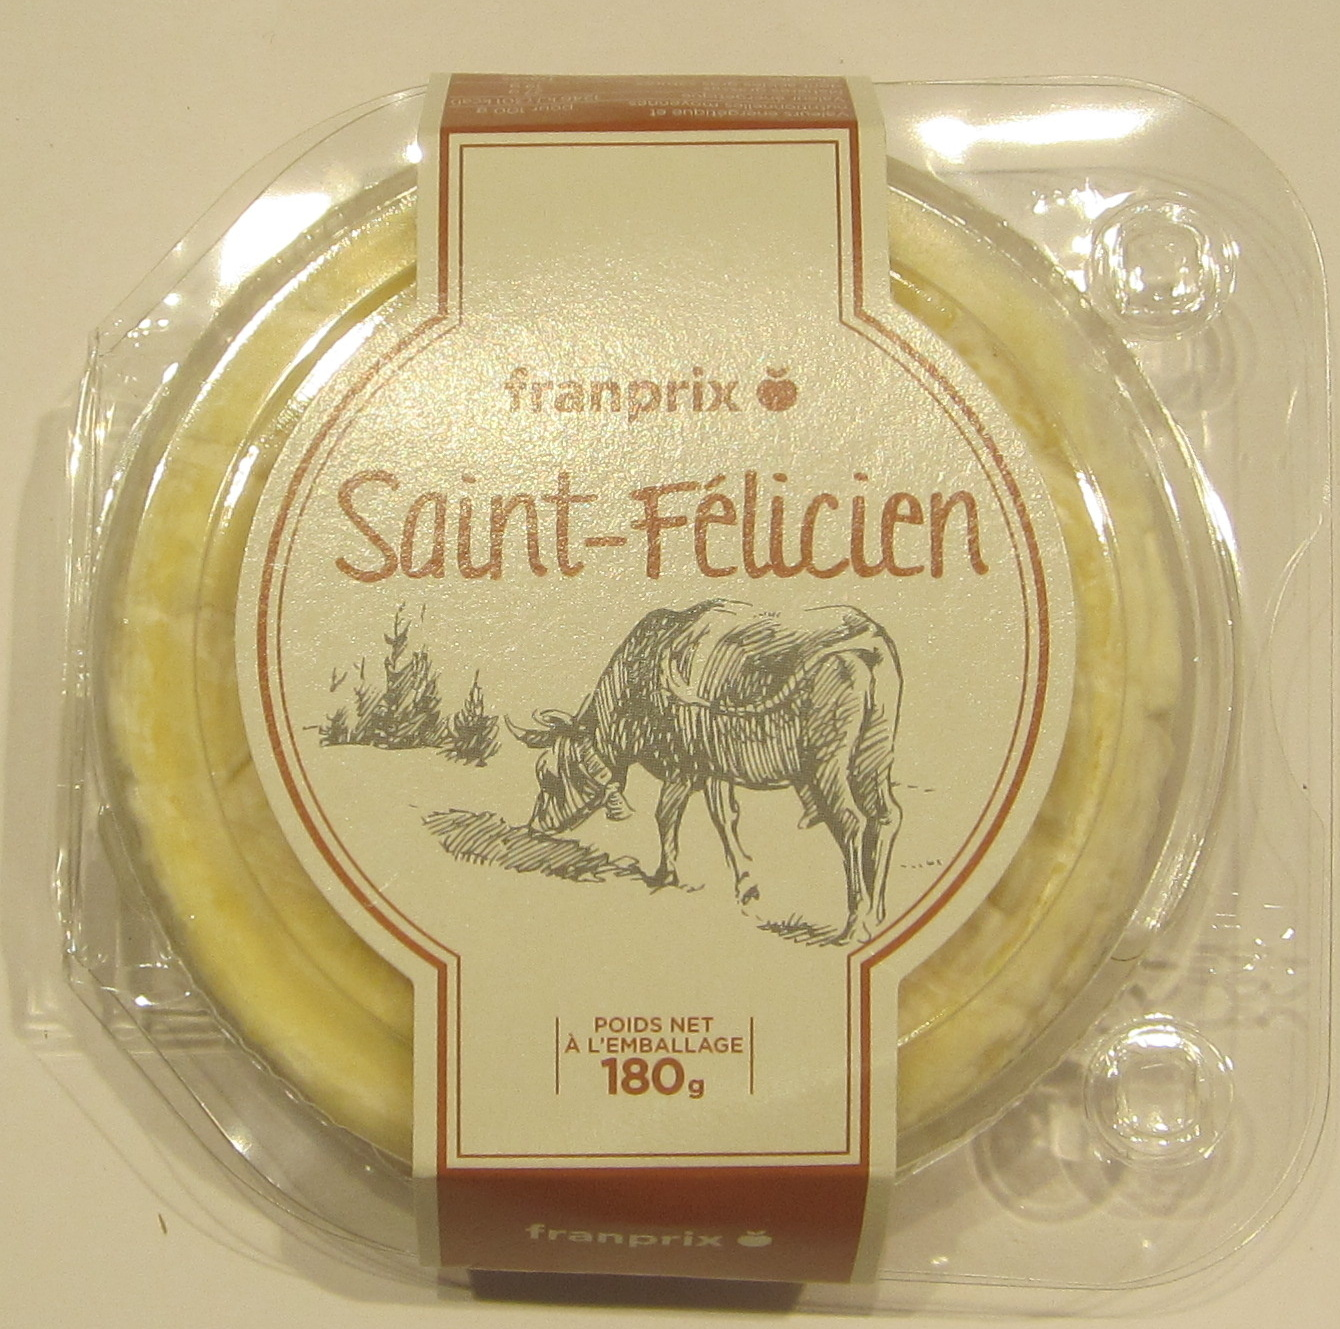 Saint-Félicien - Product - fr